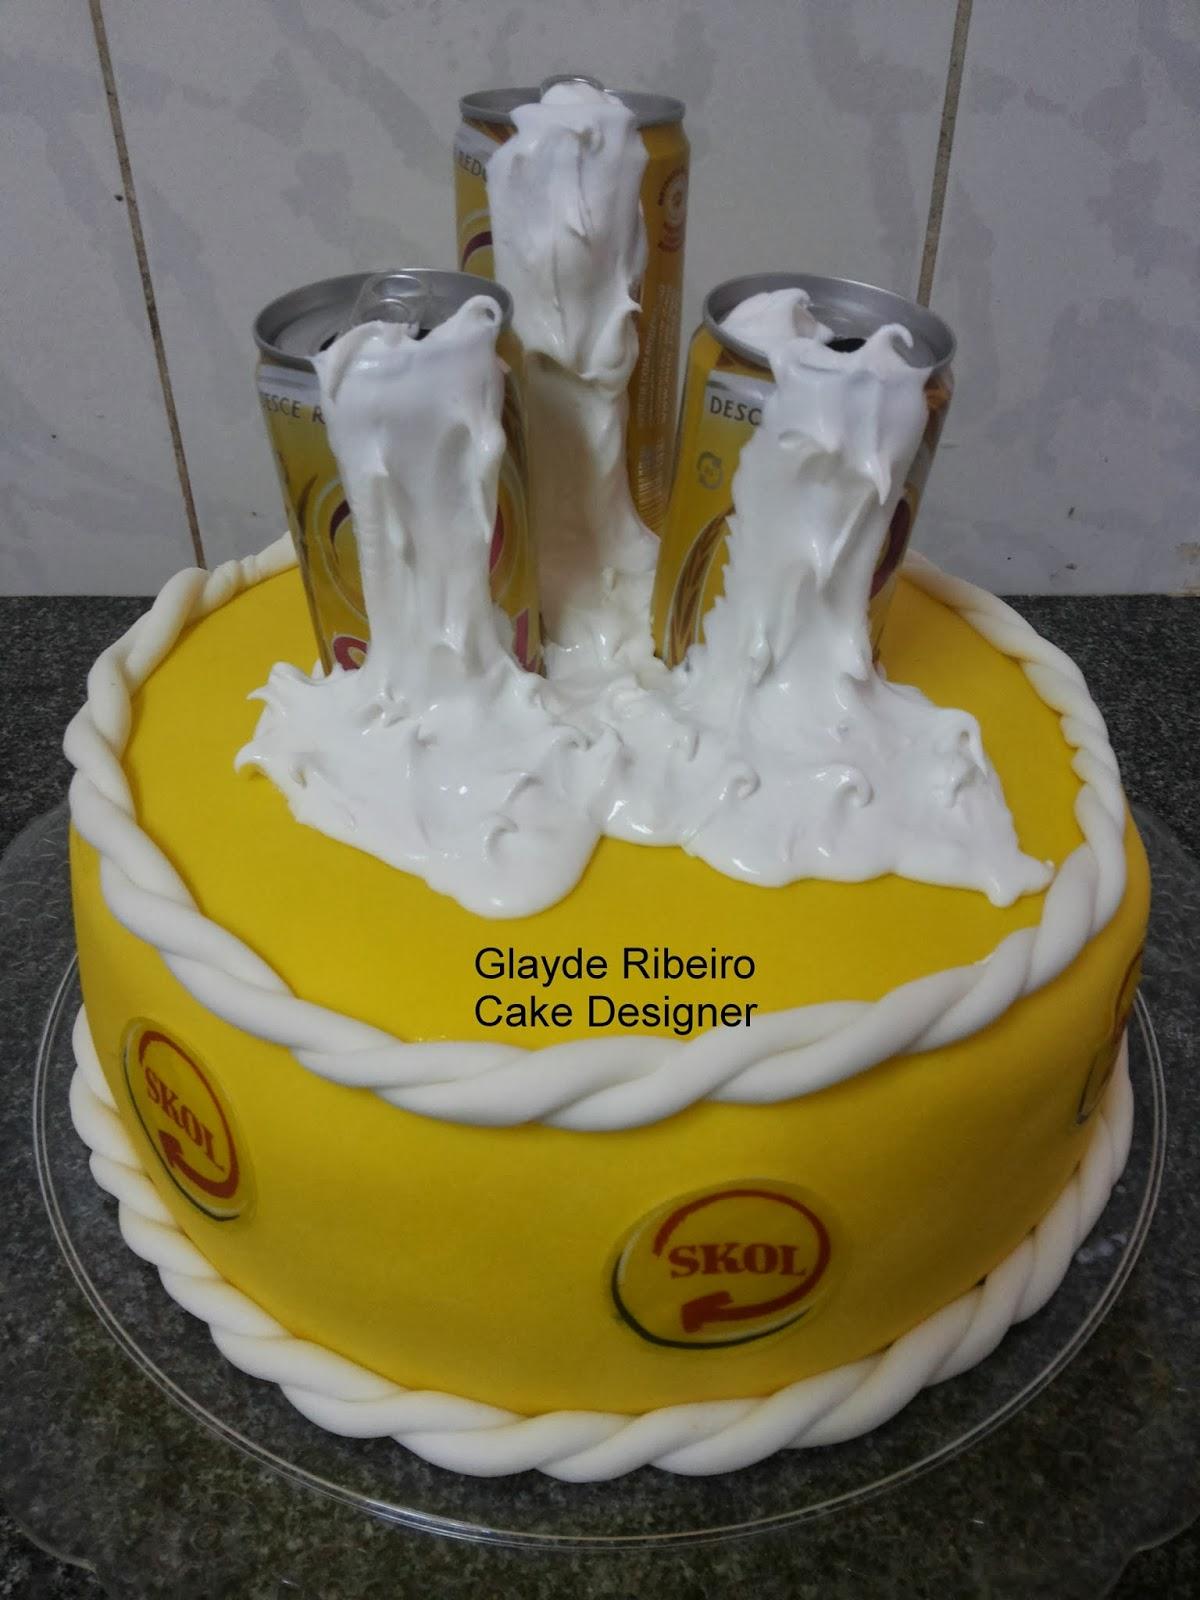 Populares Glayde Ribeiro Cake Designer, bolos personalizados e cup cakes  GB15